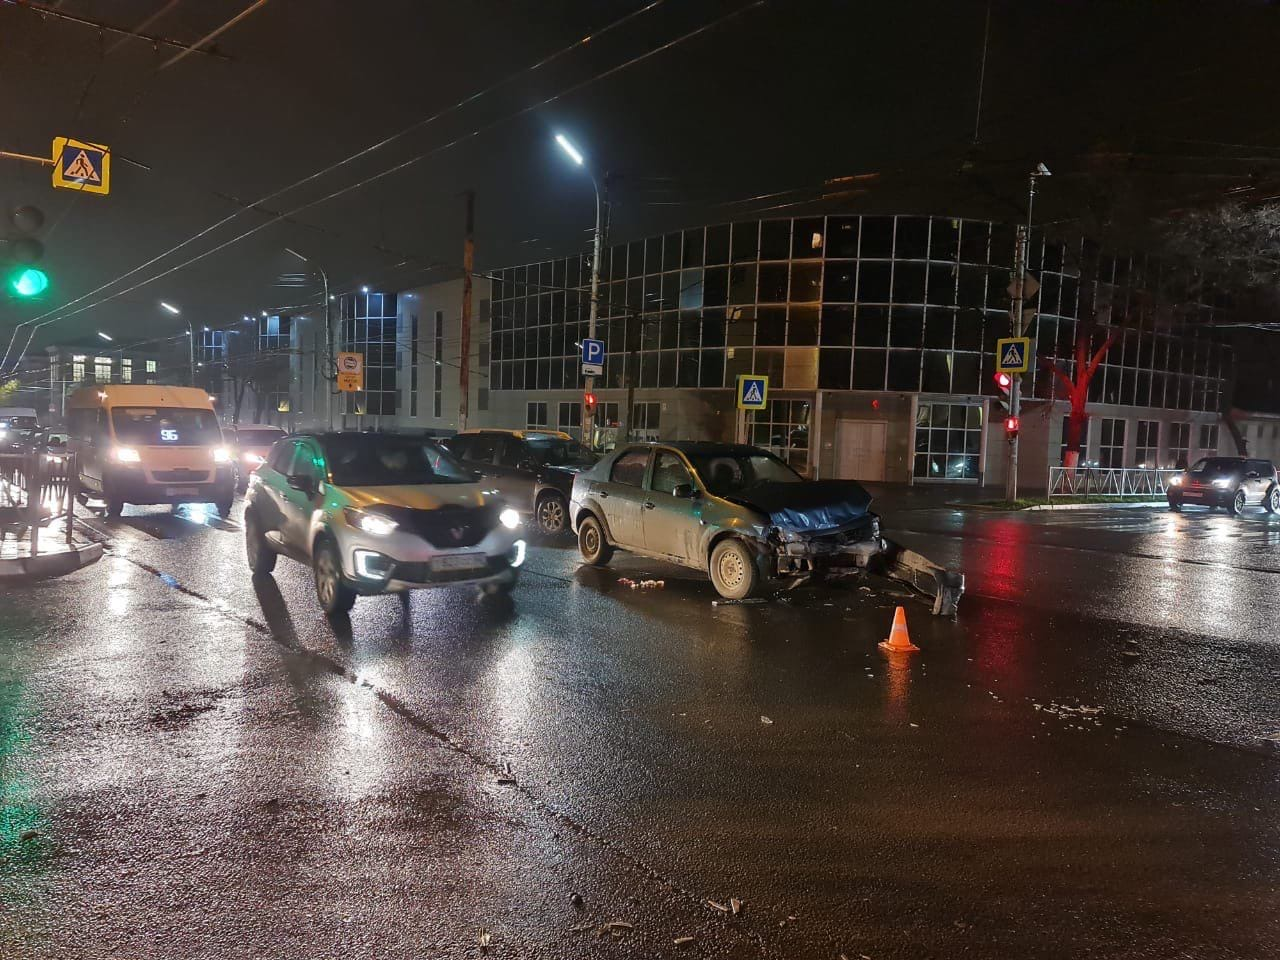 В Рязани во второй половине дня 2 ноября произошла авария с участием автомобиля скорой помощи и Renault Logan на пересечении улиц Братиславская и Гагарина. В результате пациент реанимобиля погиб, фельдшер и трое пассажиров иномарки пострадали. Об этом сообщили в оперштабе Рязанской области.